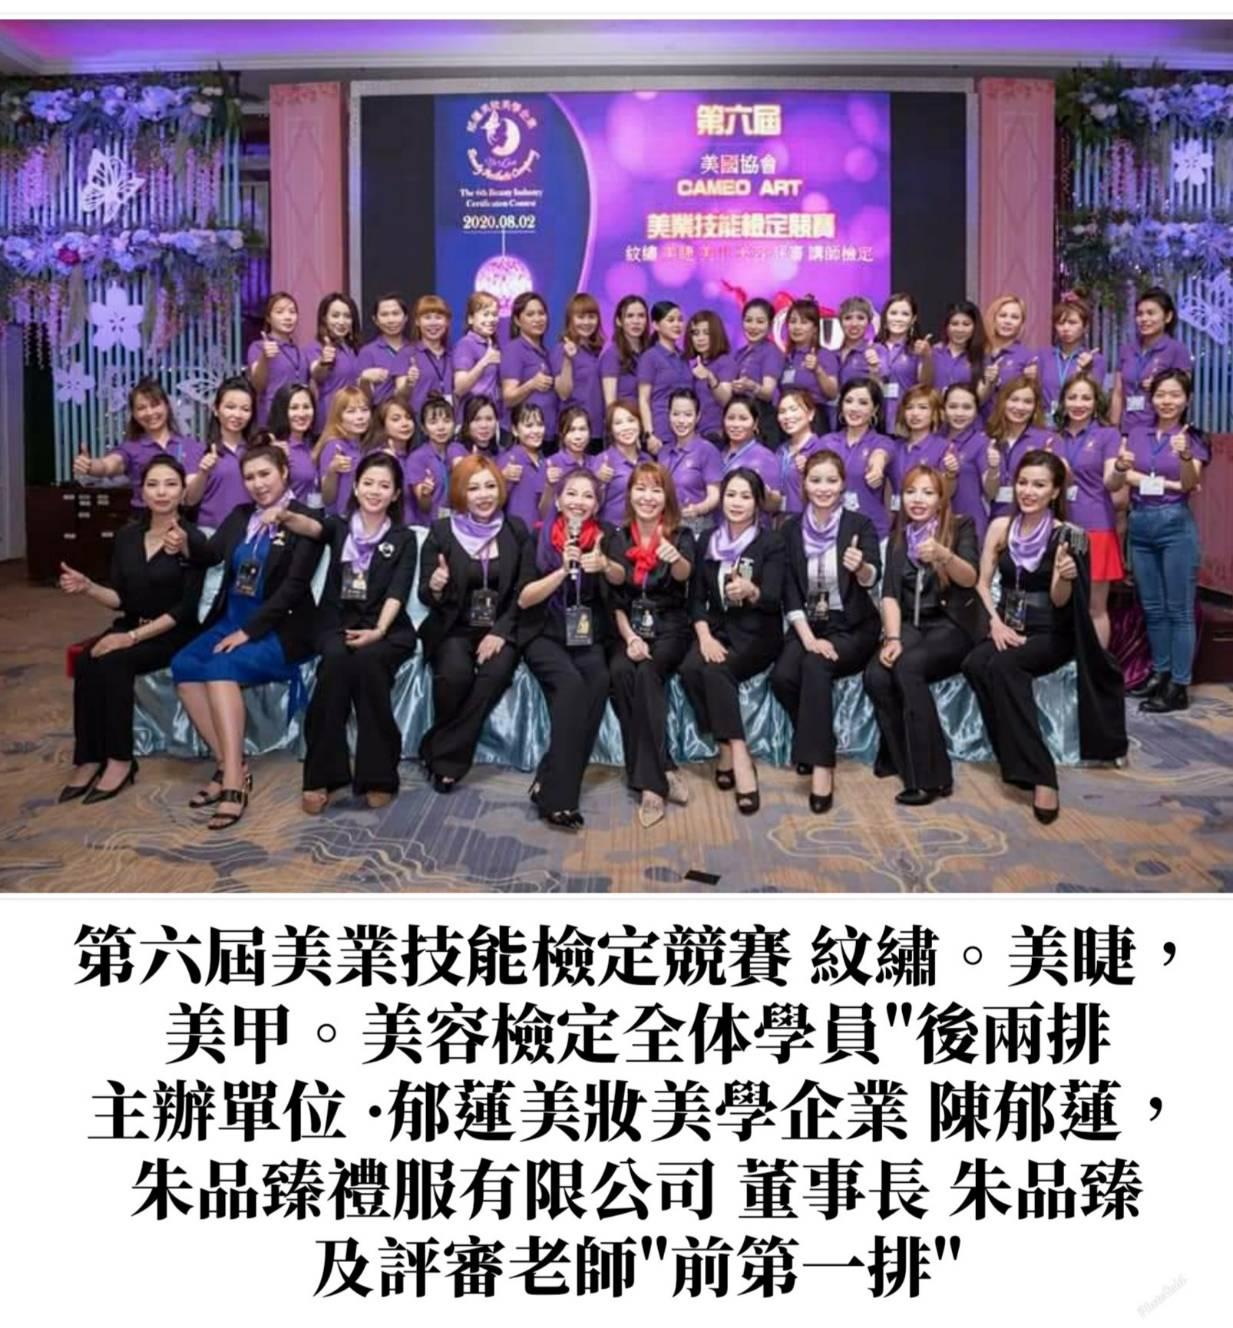 第六屆美業技能檢定競賽紋繡、美睫、美甲、美容檢定越南國服晚禮服表演盛大晚宴